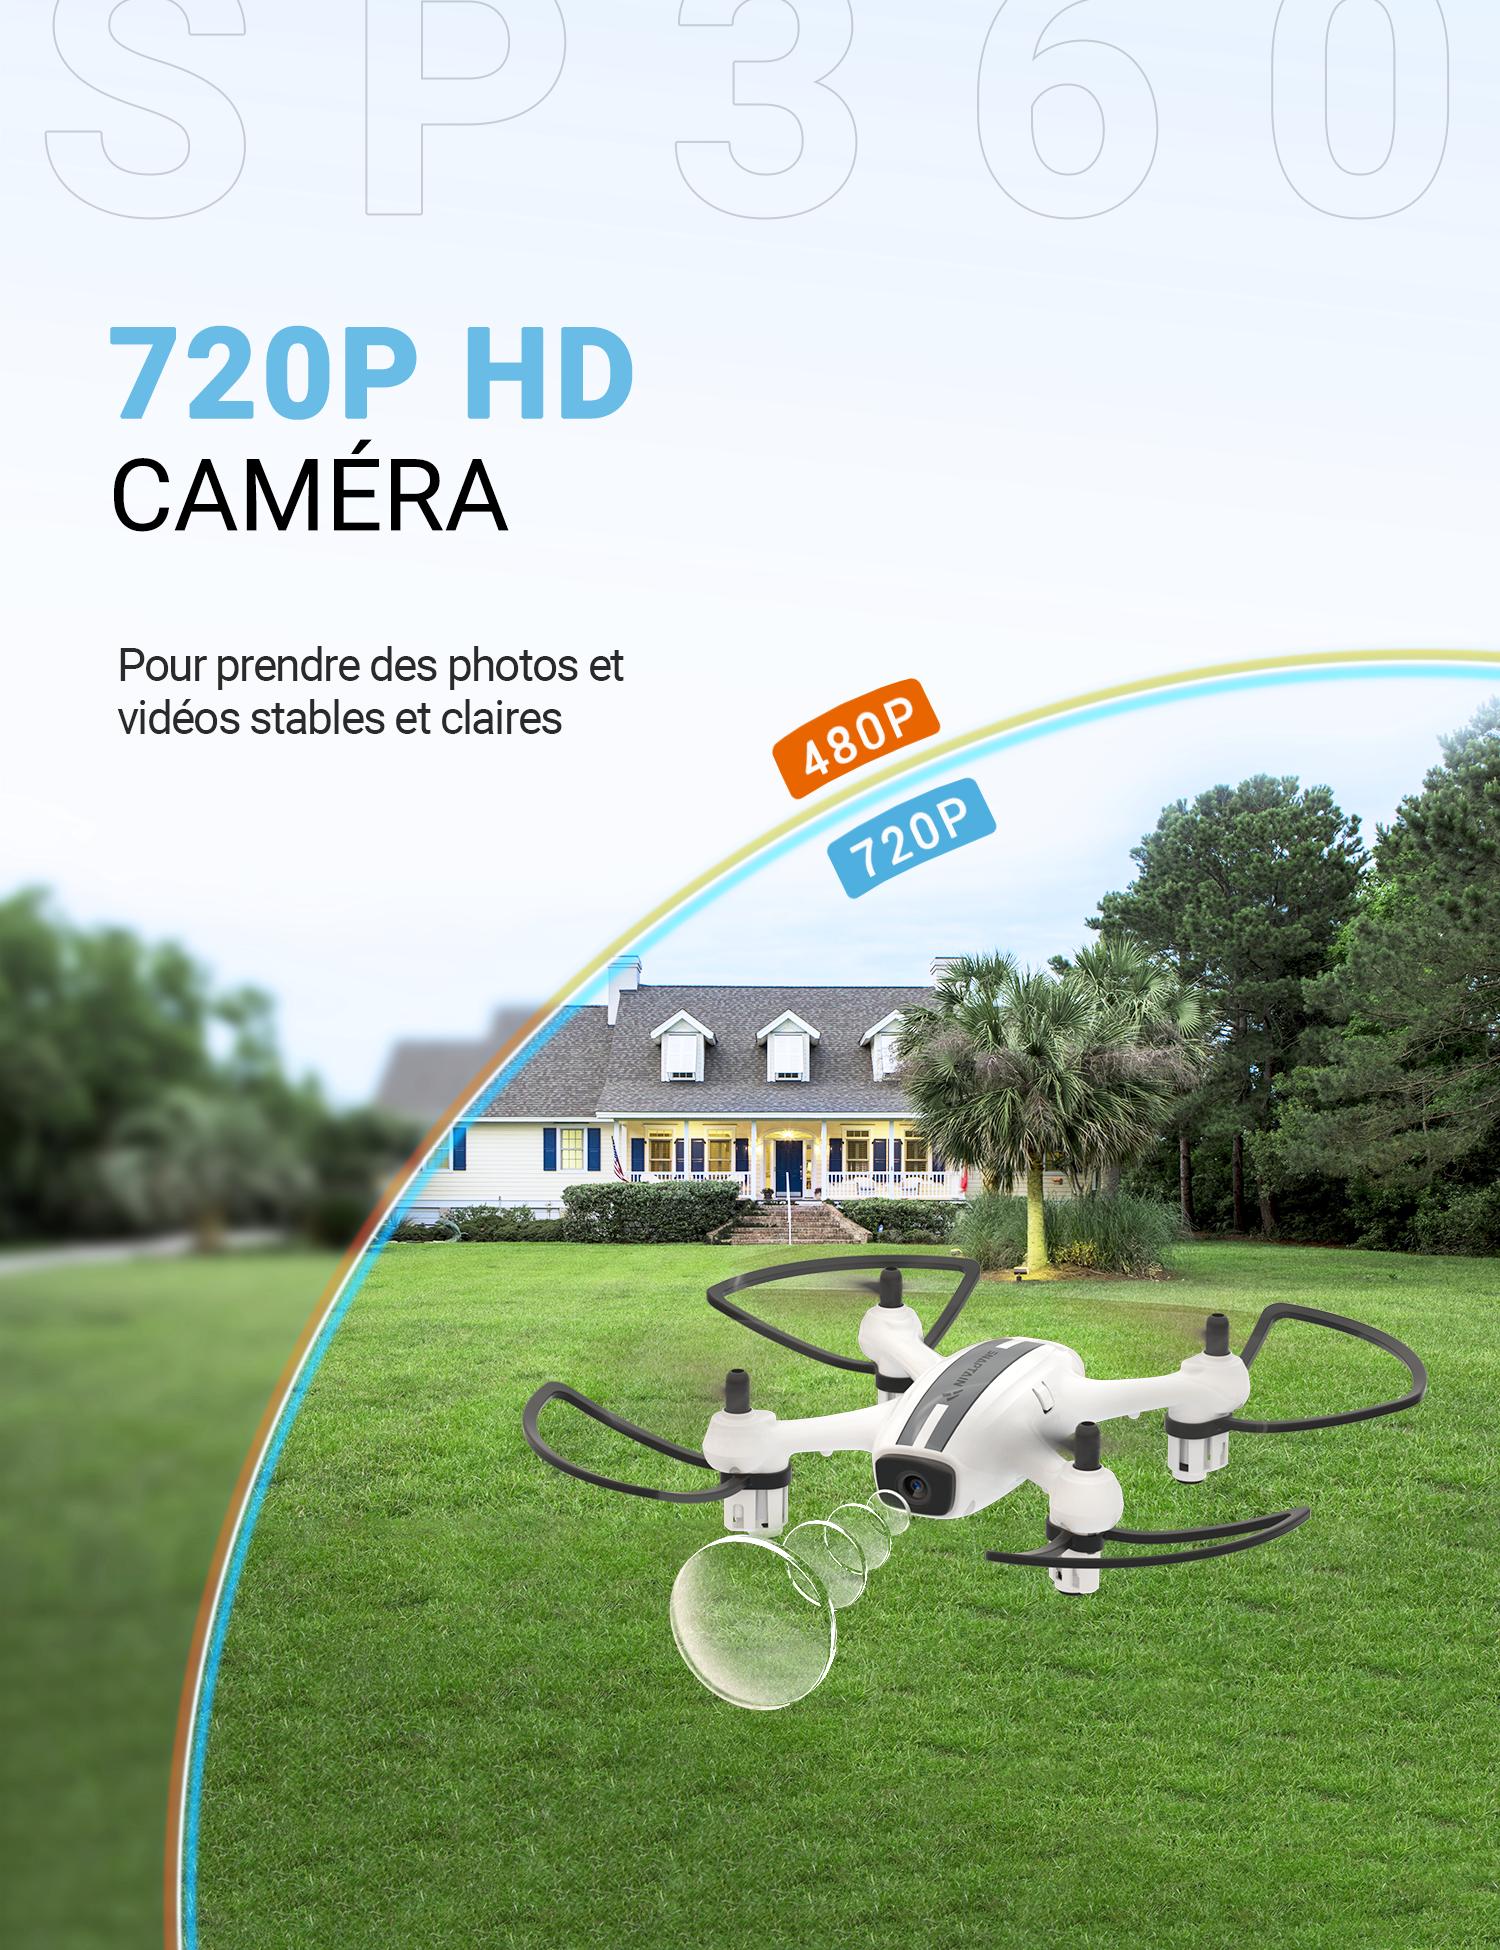 Contr/ôle par Geste pour D/ébutants et Enfants Vol de Trajectoire Mode sans T/ête Induction de Gravit/é 360/° Flips Maintien daltitude SNAPTAIN SP360 Mini Drone avec Cam/éra 720P FPV